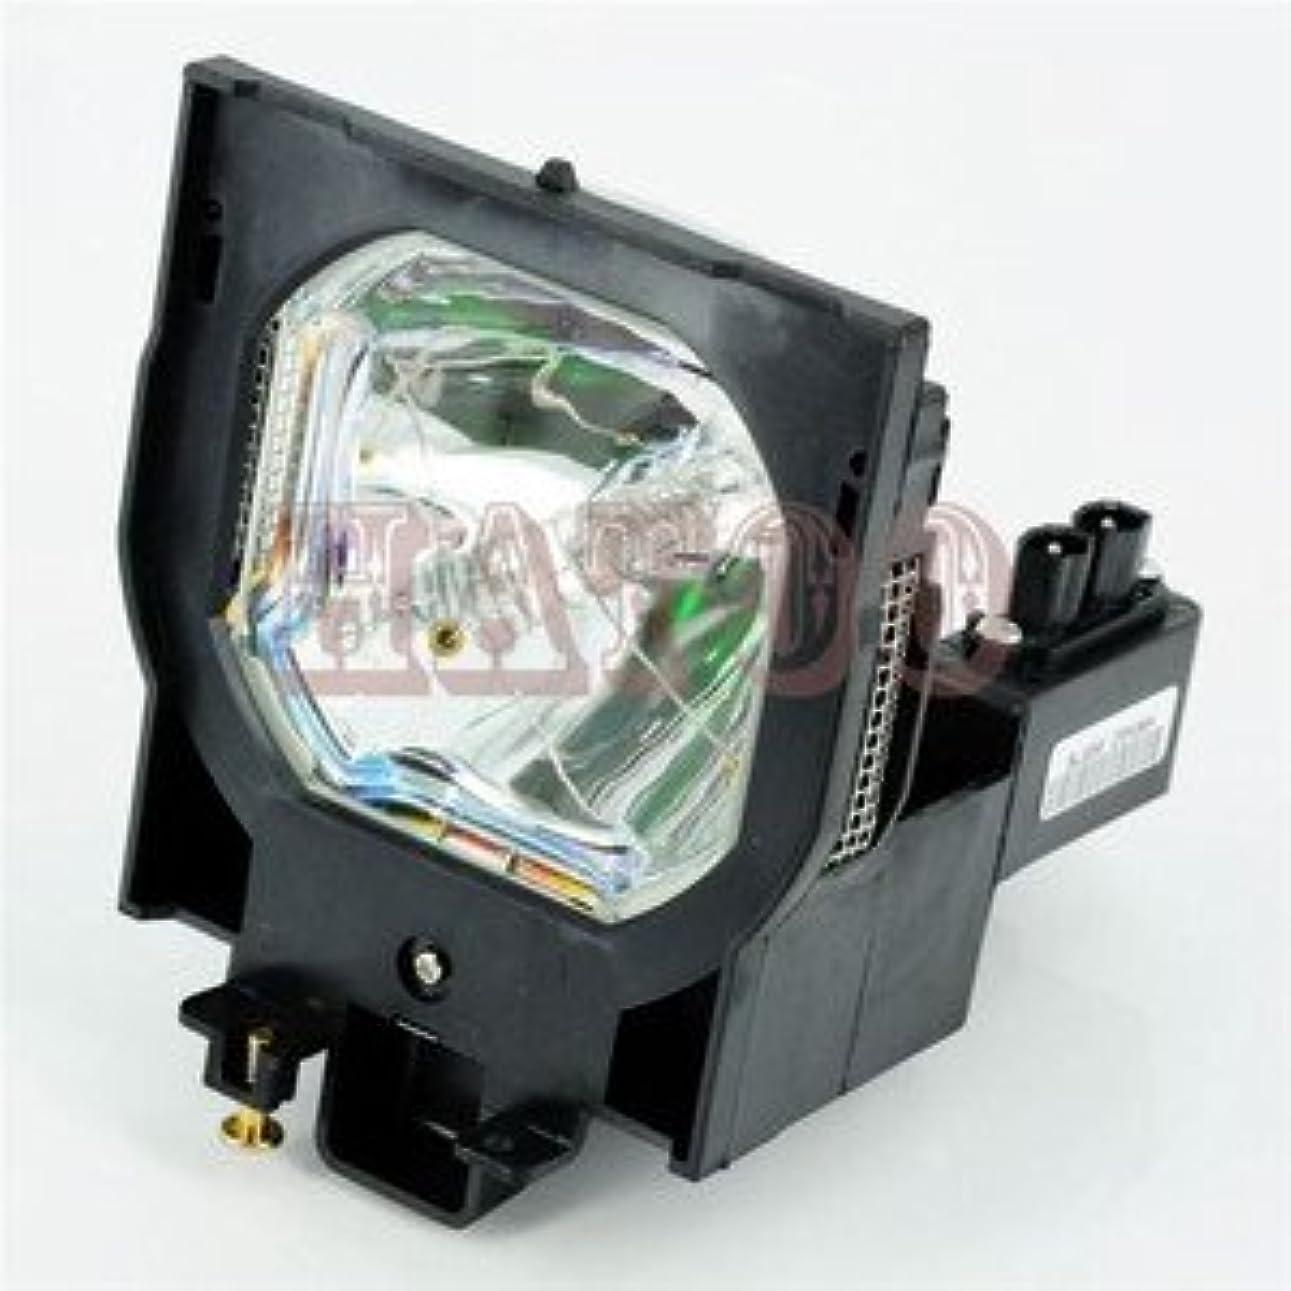 品種アロング集まるCHRISTIE クリスティ LX120用ランプ 003-120183-01(4灯セット) プロジェクター交換用ランプ